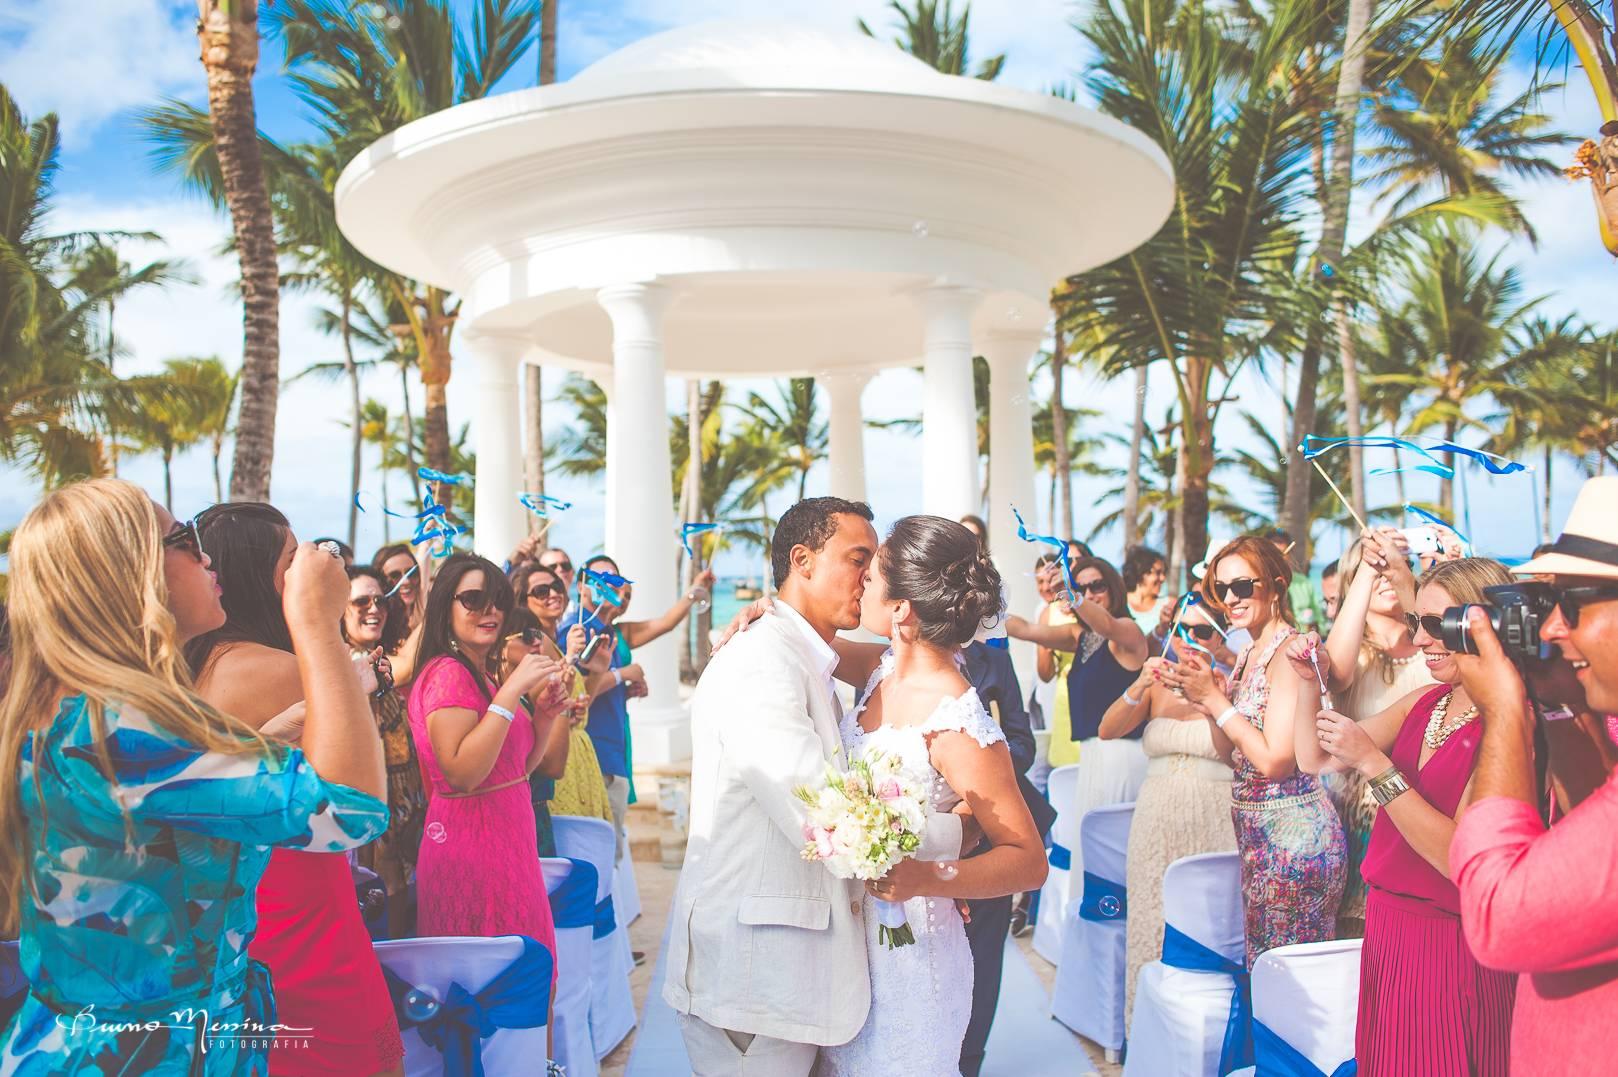 Casamento-em-Punta-Cana-26